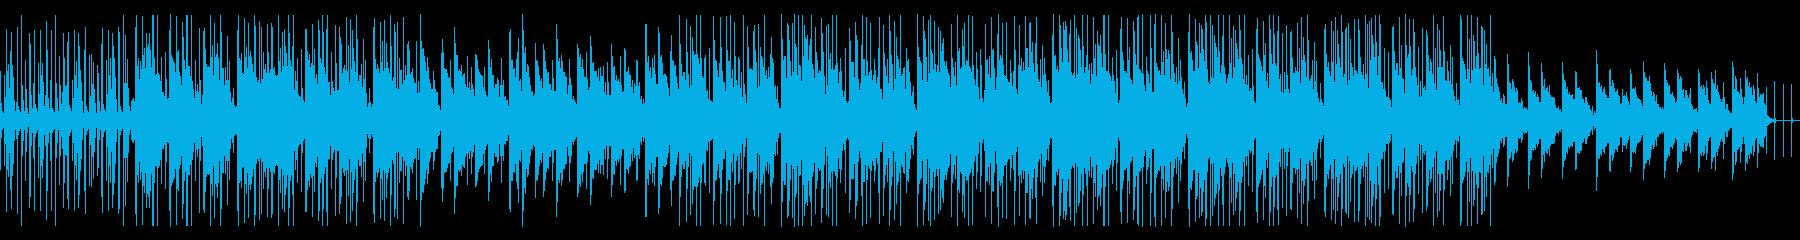 おもちゃでゆるめのリラックスできる楽曲の再生済みの波形